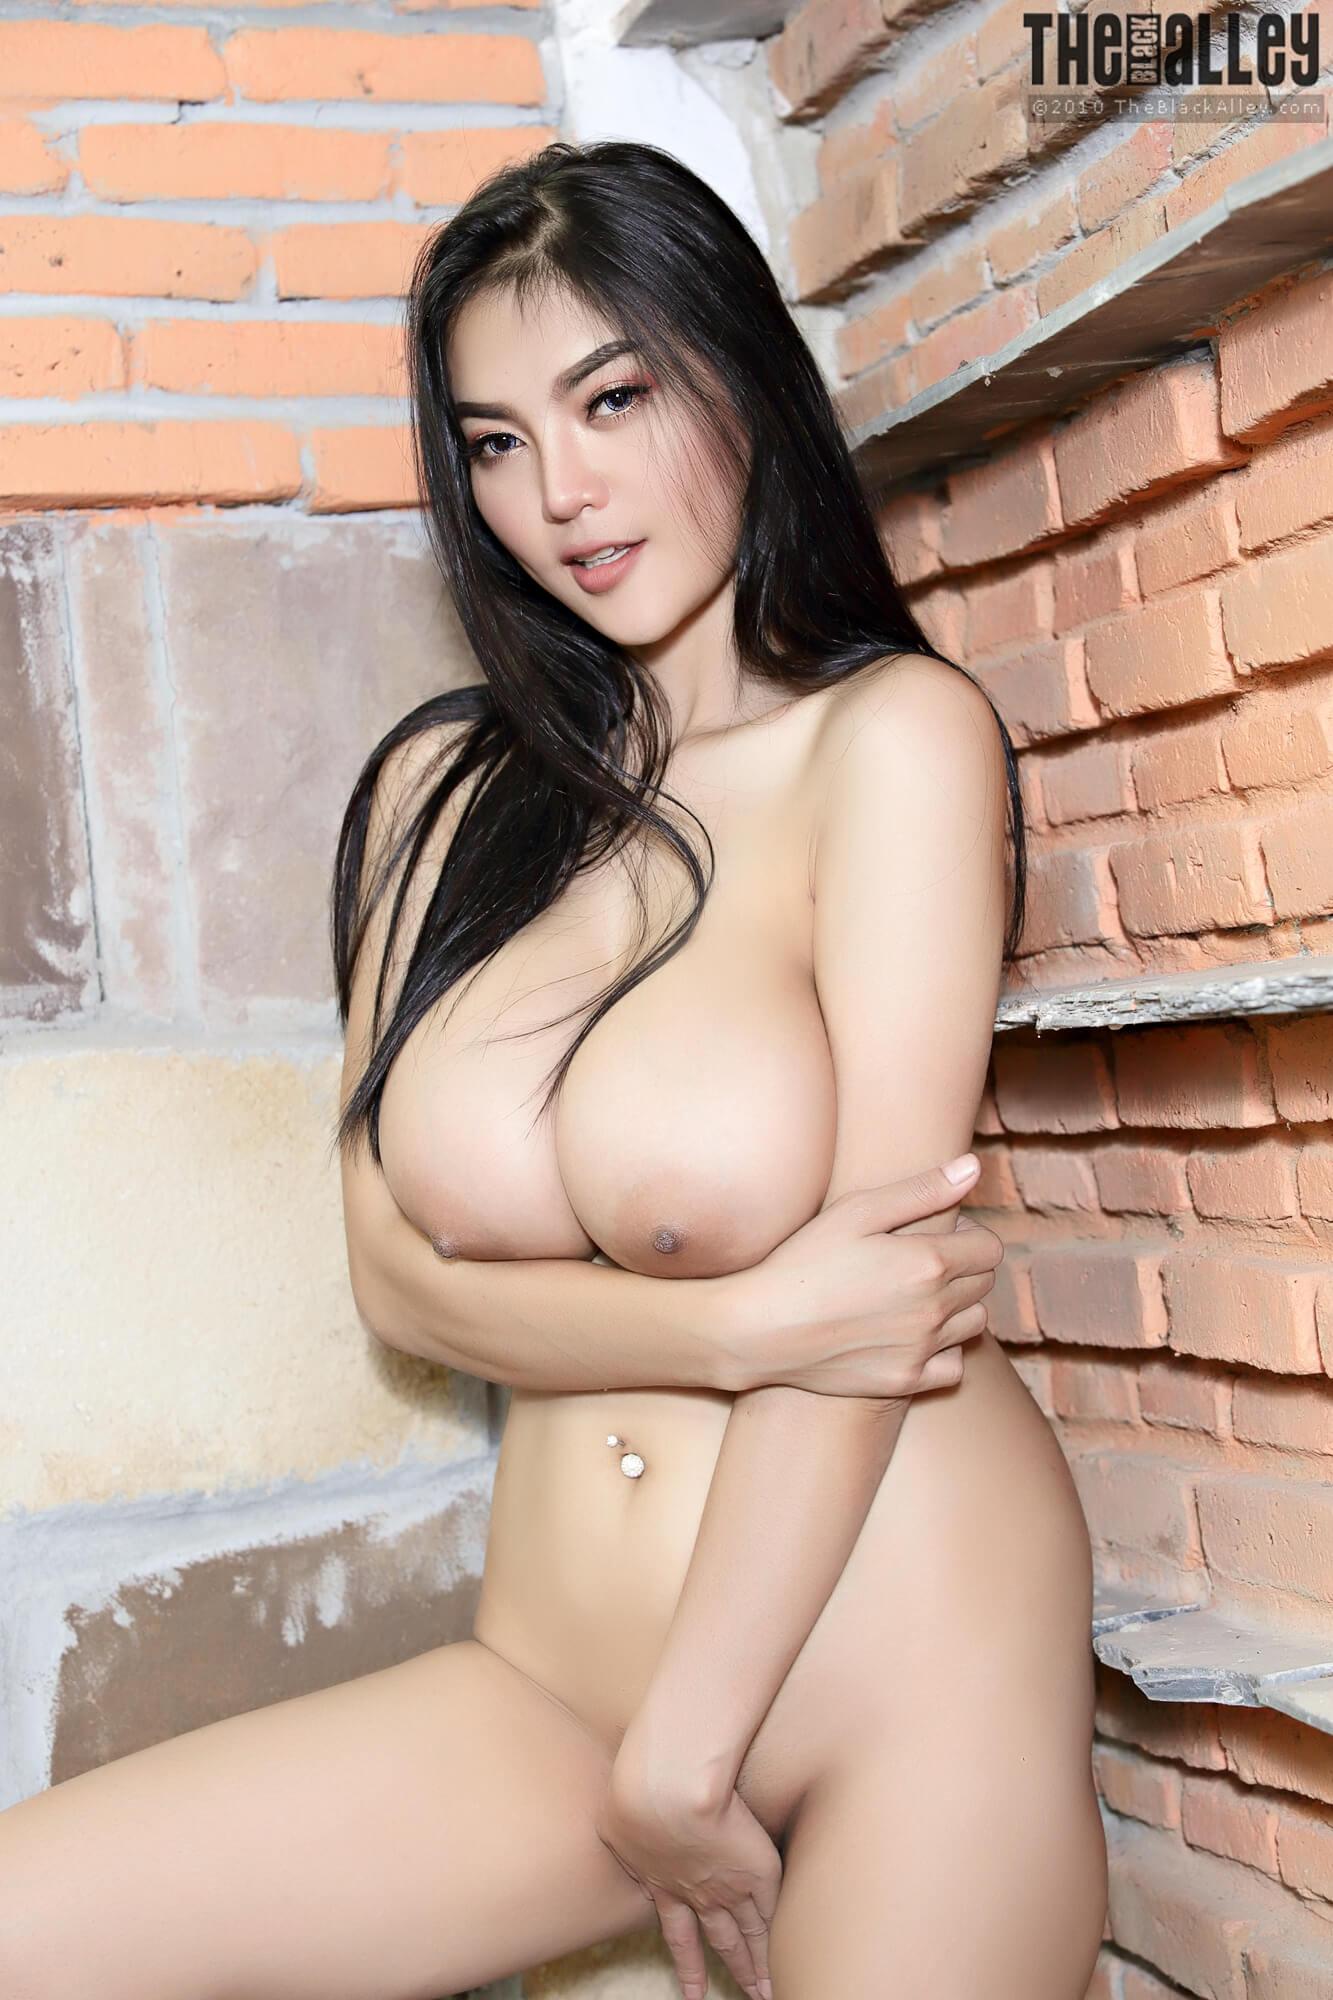 Big plastic boobs